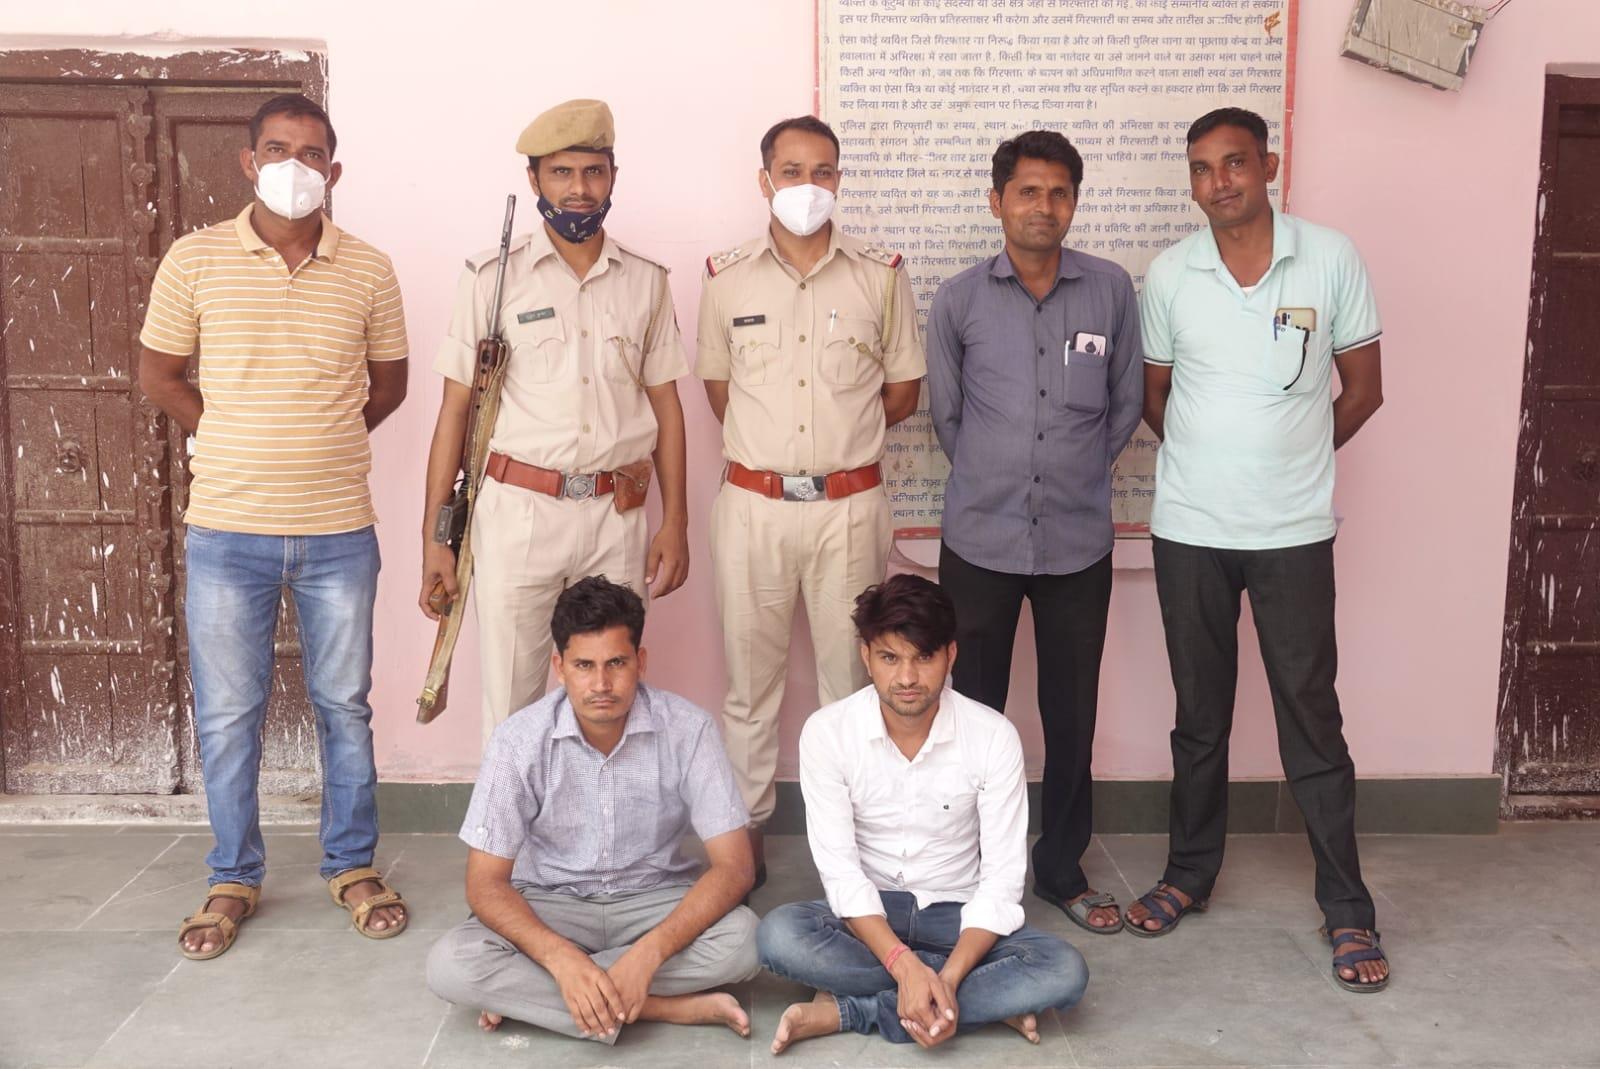 दौसा पुलिस की गिरफ्त में पेपर बेचने वाले गिरोह के दो सदस्य। - Dainik Bhaskar